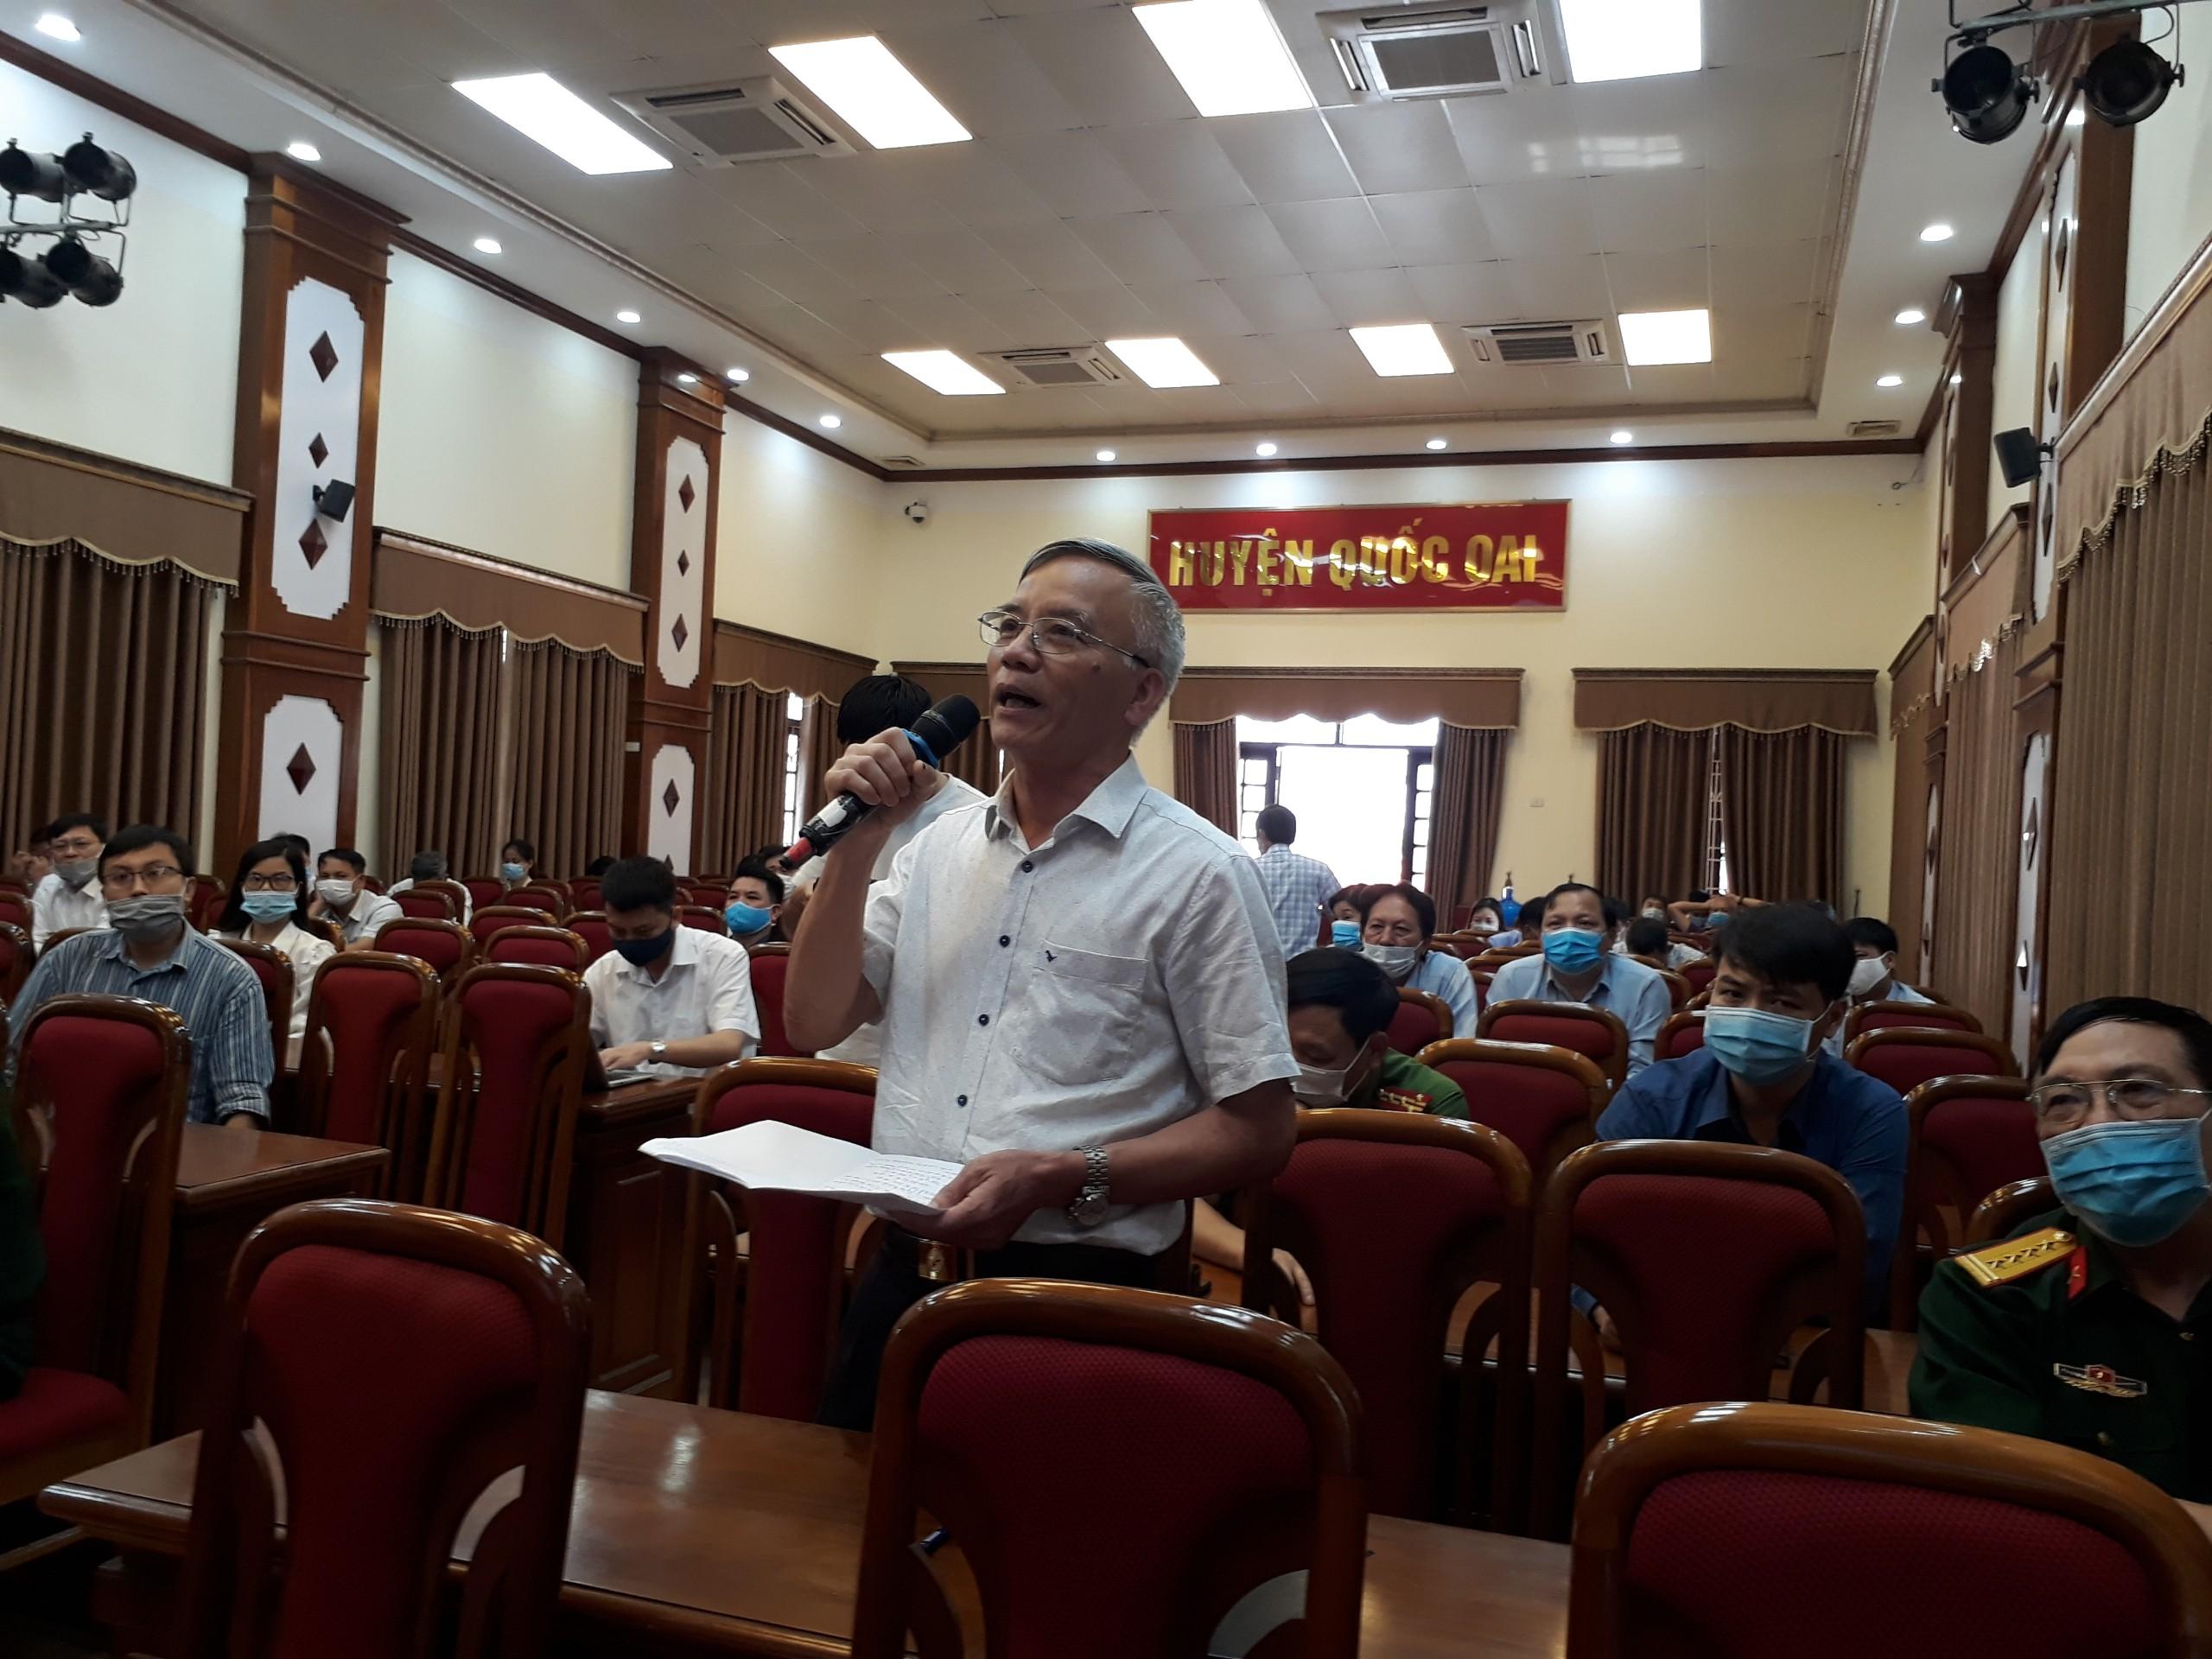 Cử tri Hà Nội chia sẻ với người ứng cử đại biểu Quốc hội khóa XV việc dân không muốn ăn gà mình nuôi - Ảnh 2.